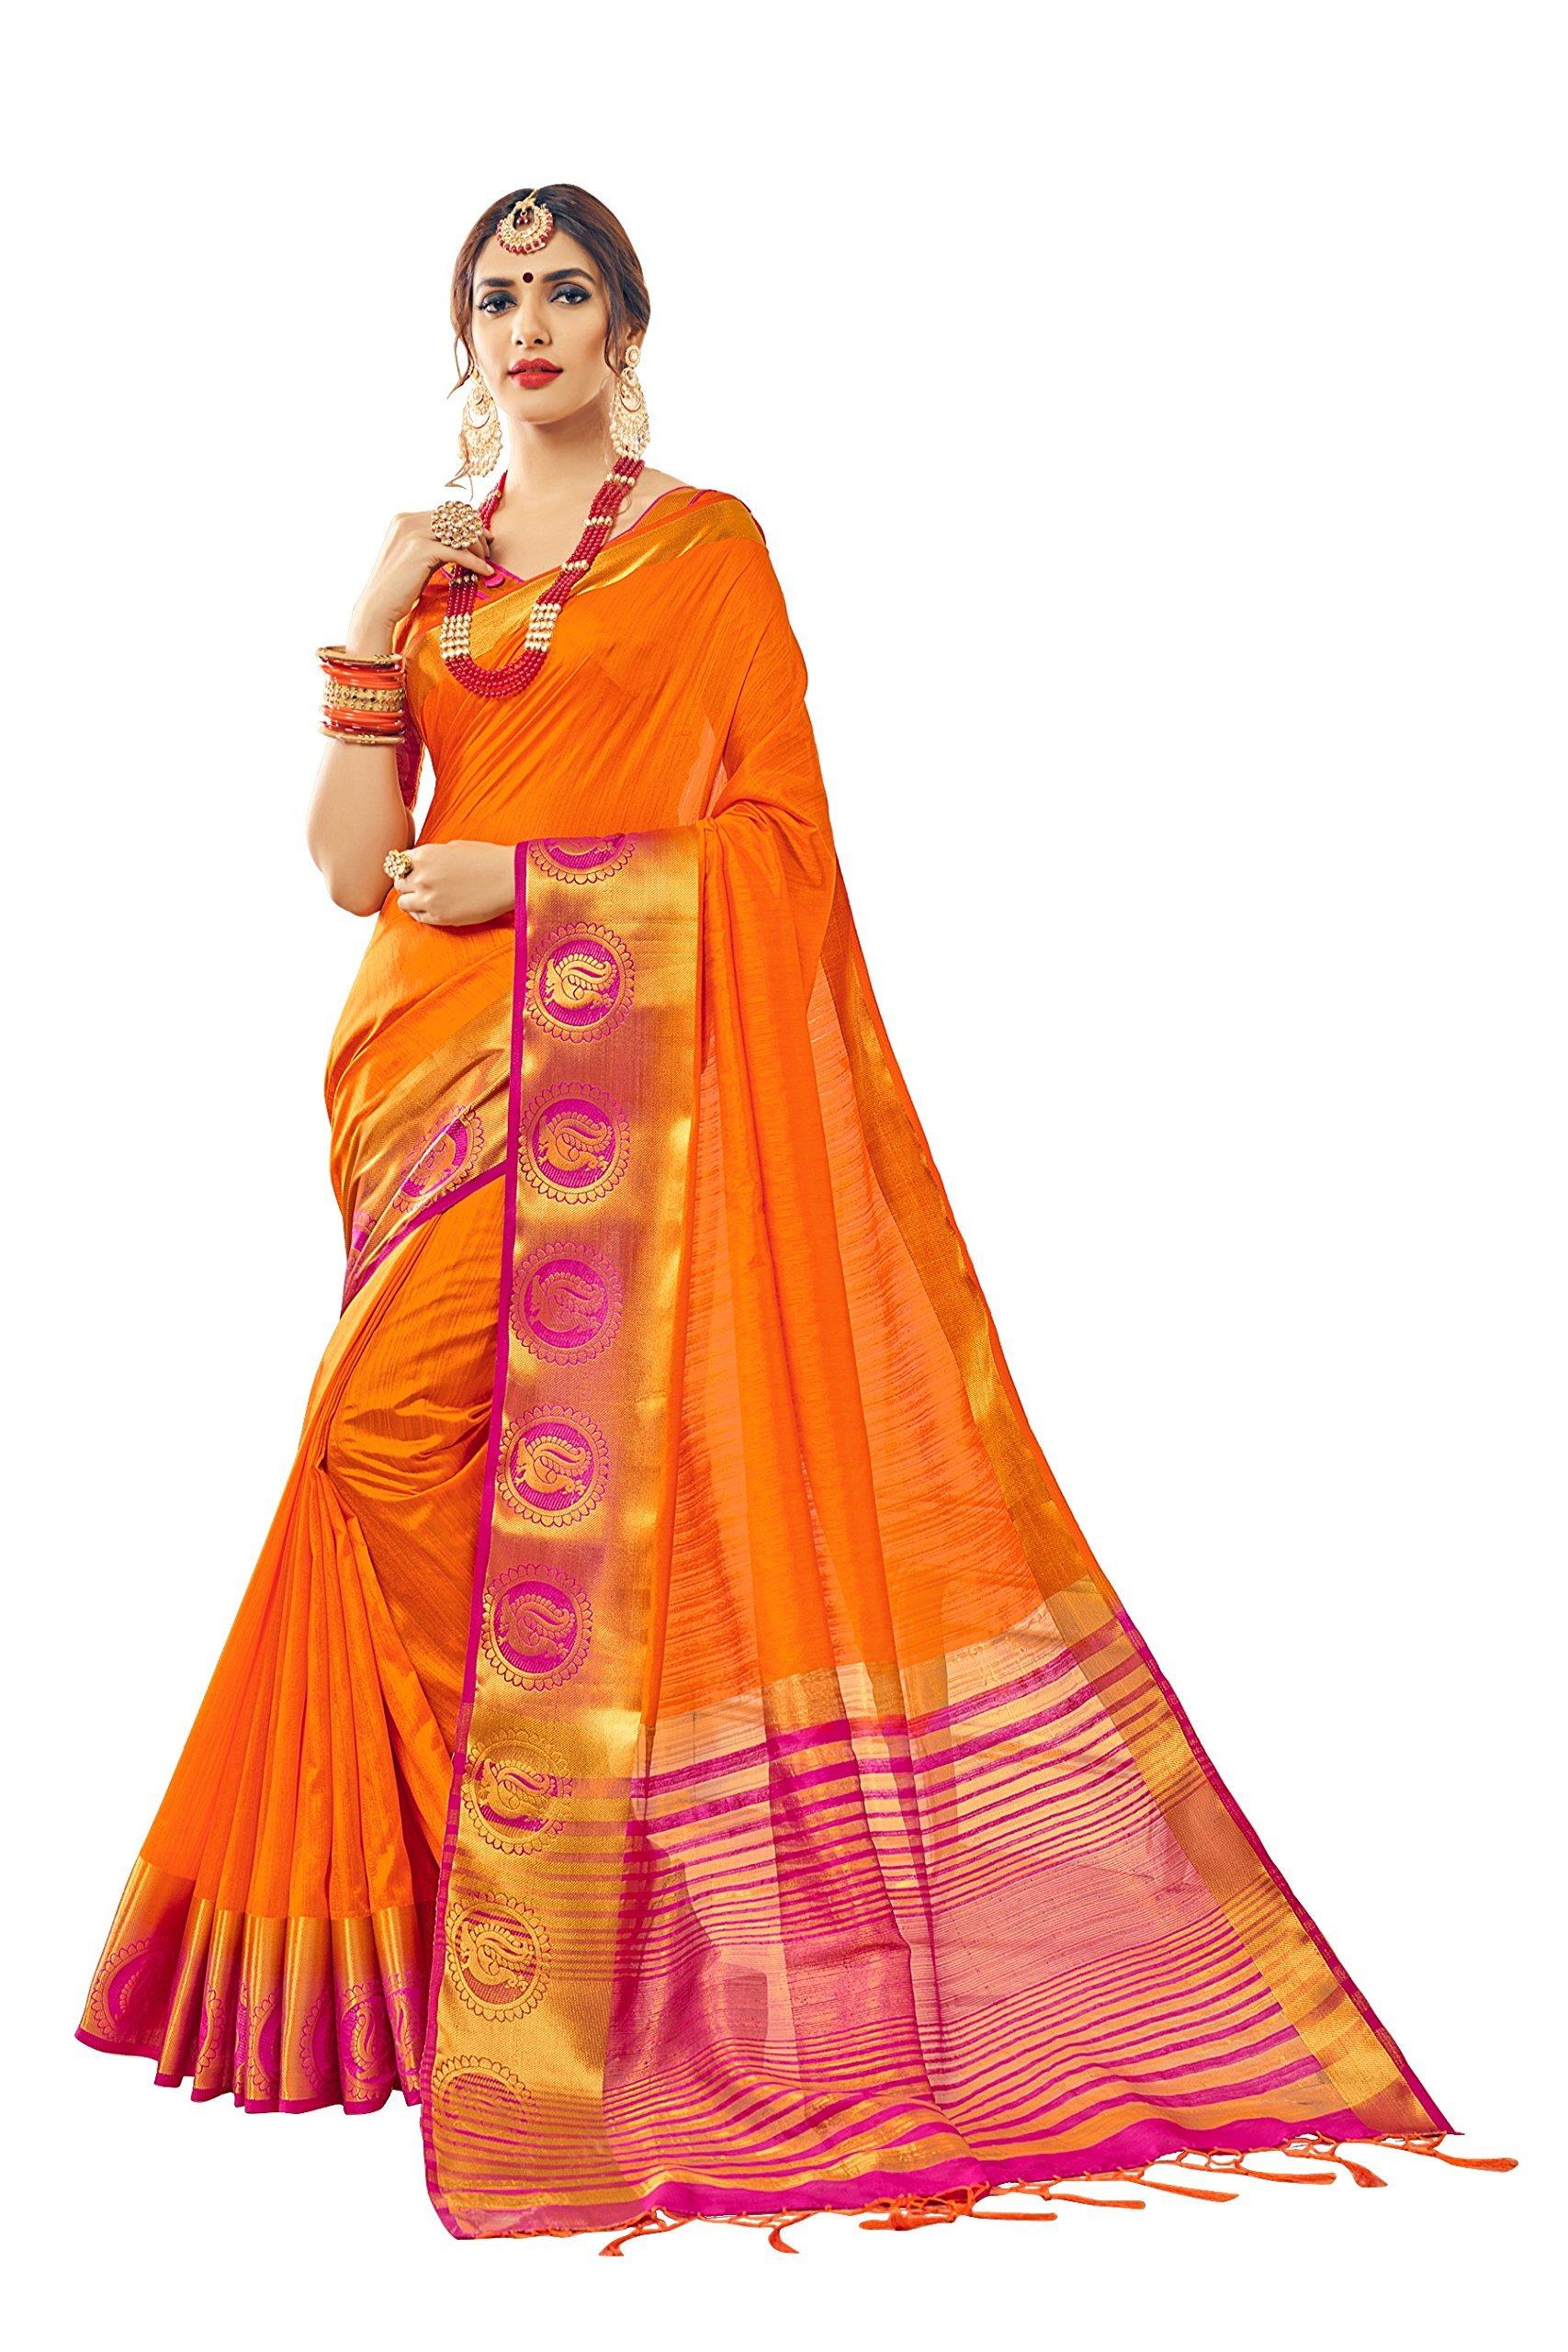 Urban India Women's Nylon Silk Jacquard Saree Free Size Orange